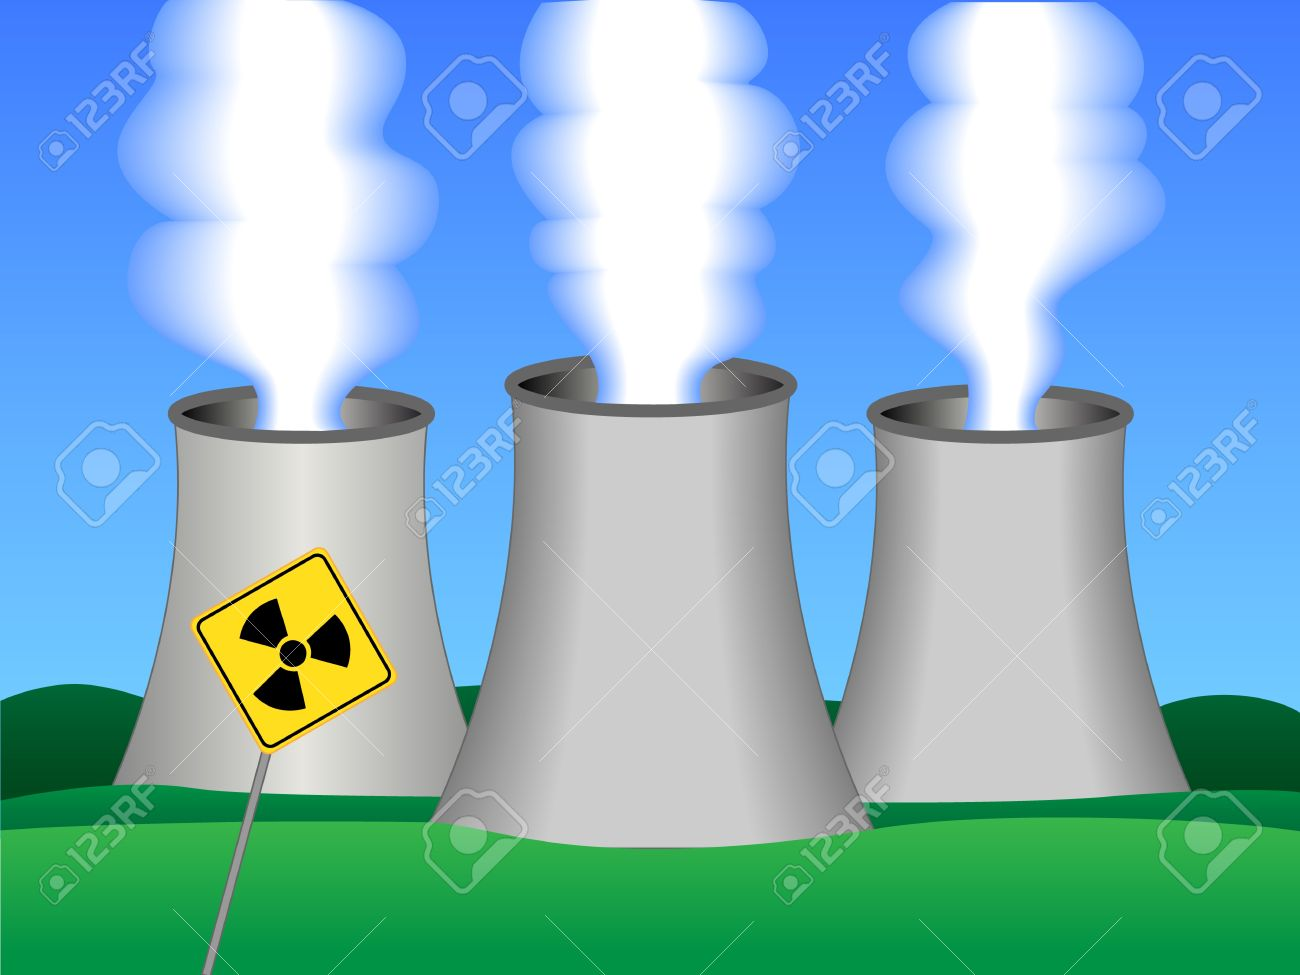 Dibujo Simple De Una Planta De Energía Nuclear Con Tres Torres De